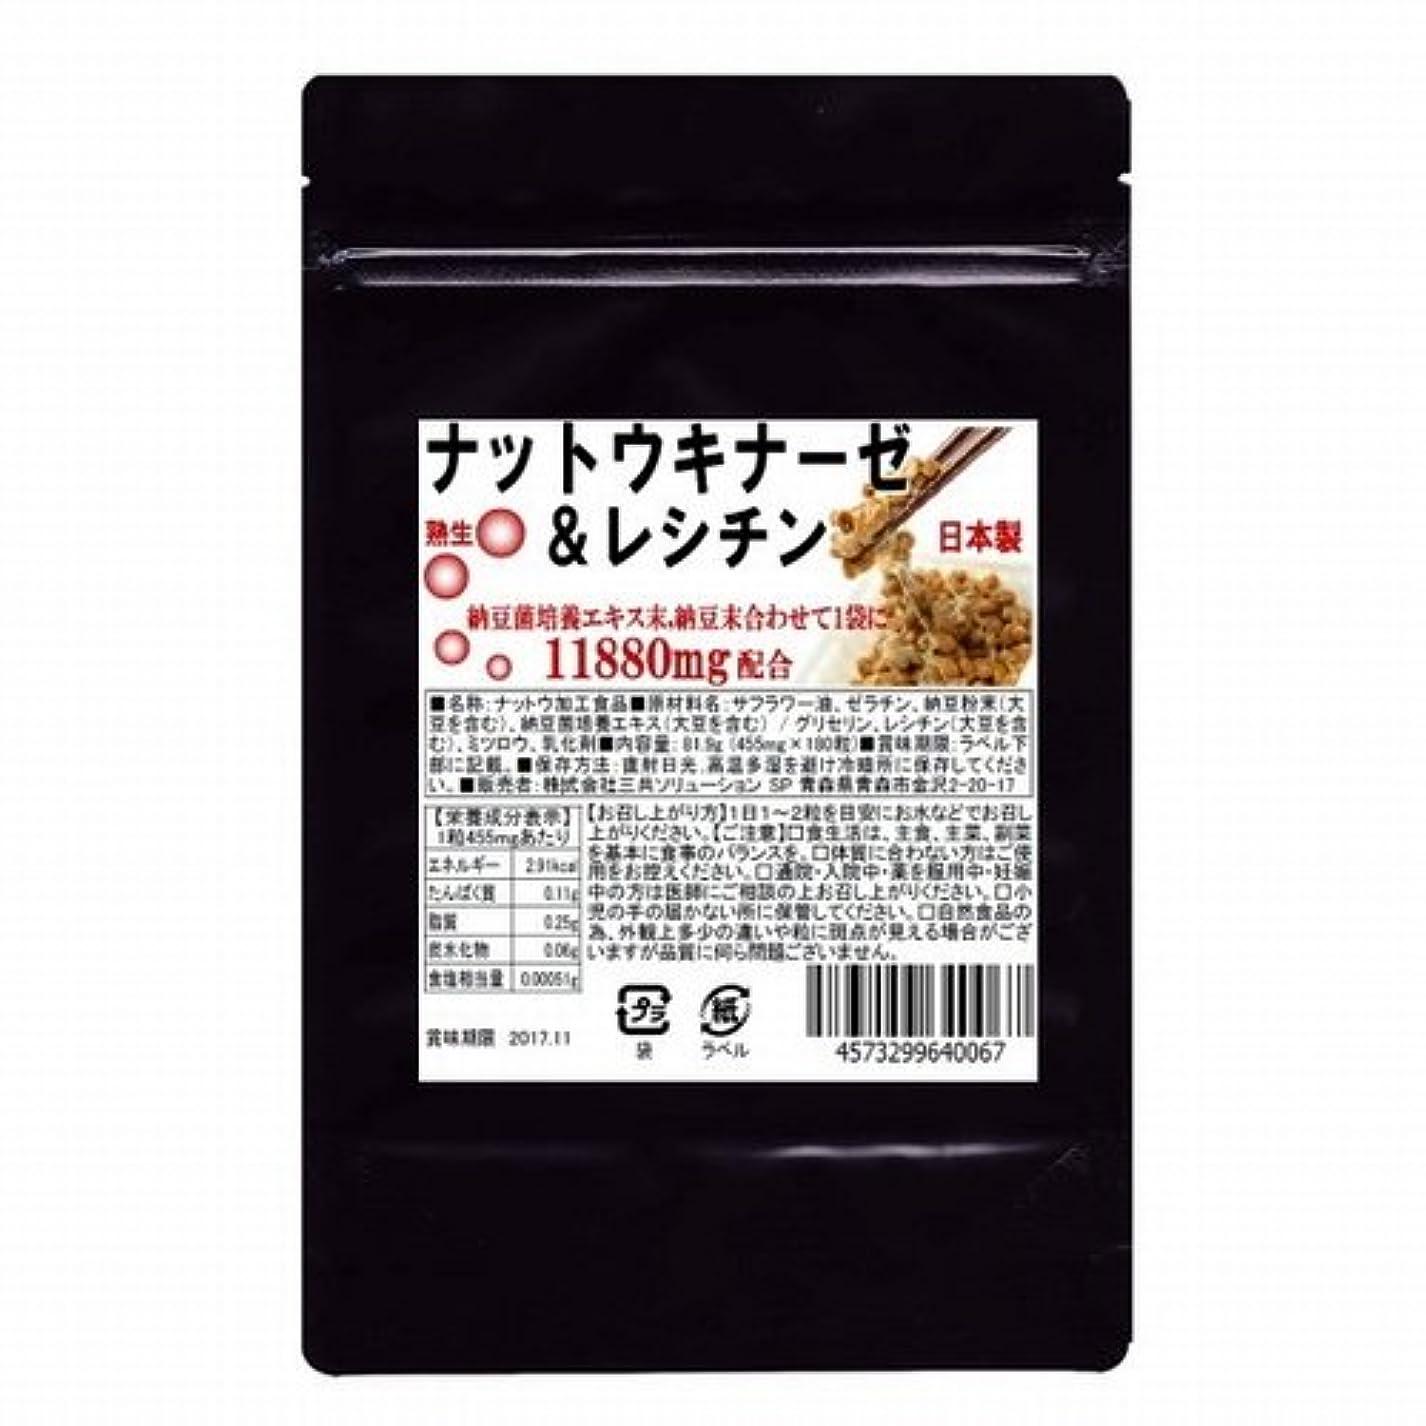 スプーン到着ええ【大容量】熟生ナットウキナーゼ&レシチン 180粒